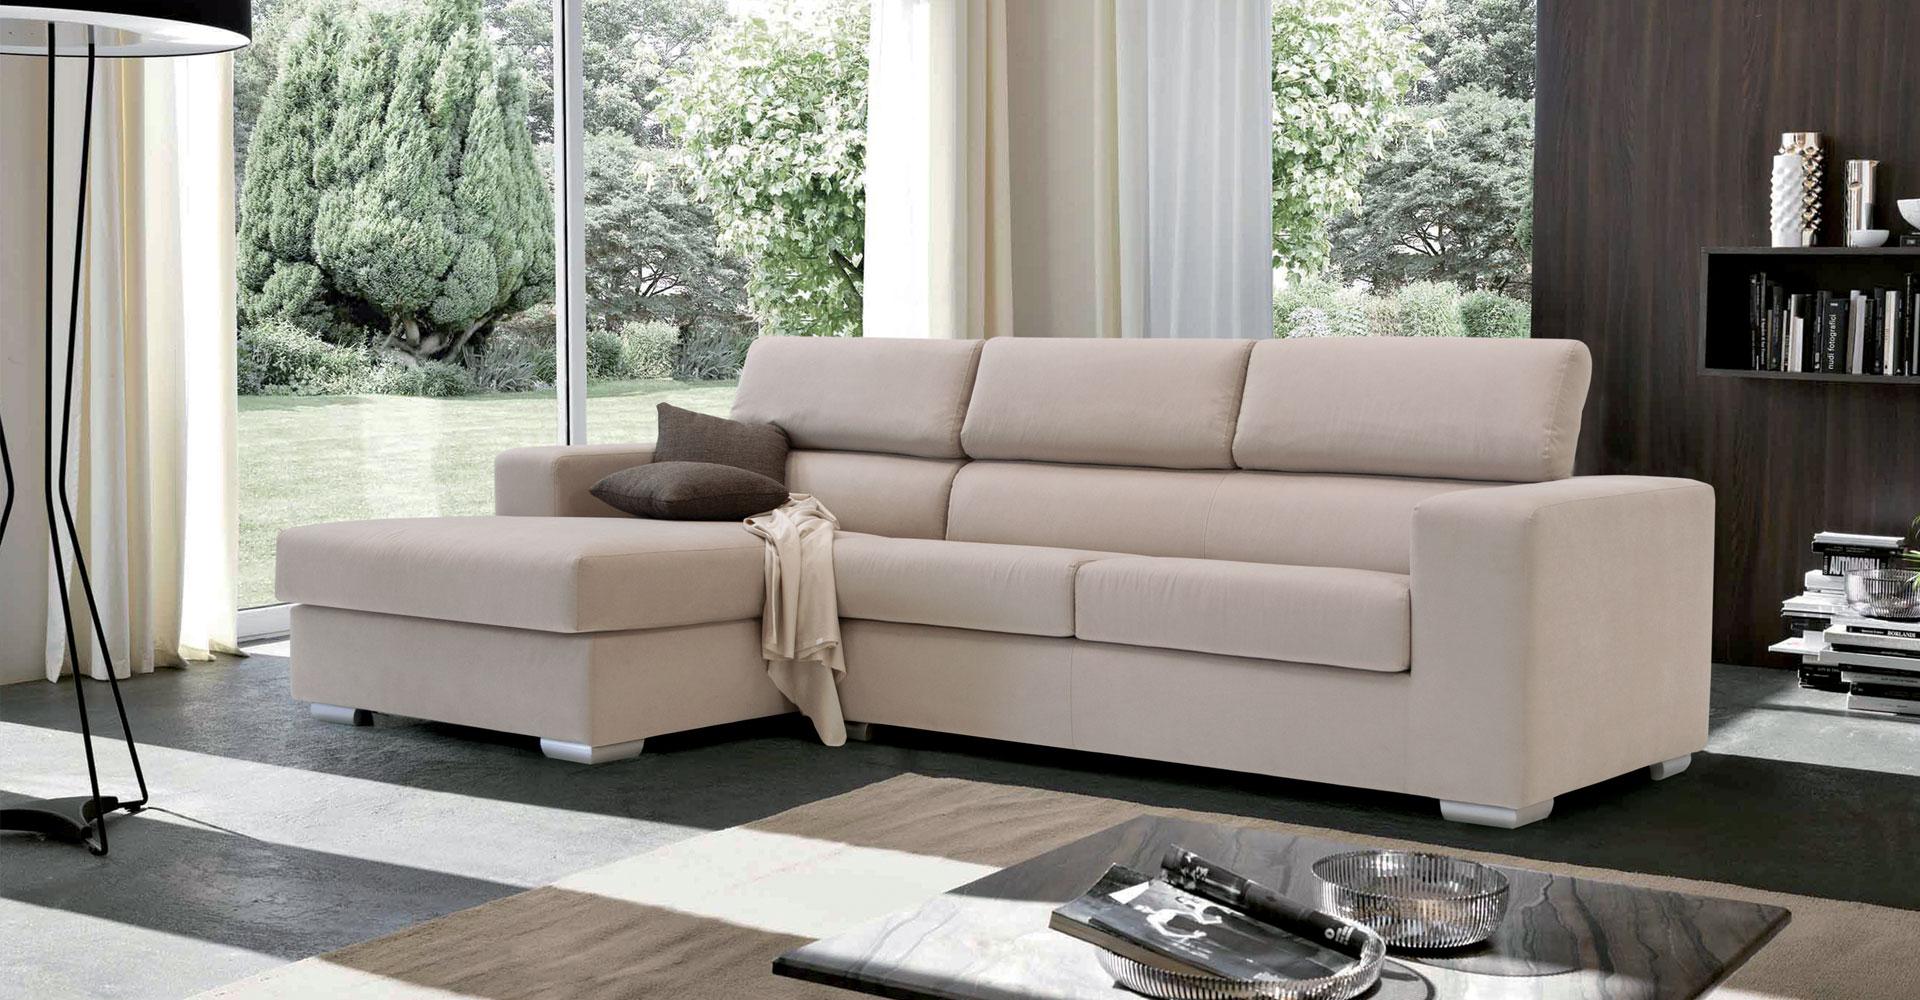 Divano zen fabbrica divani didivani salerno 082853891 for Modelli di divani